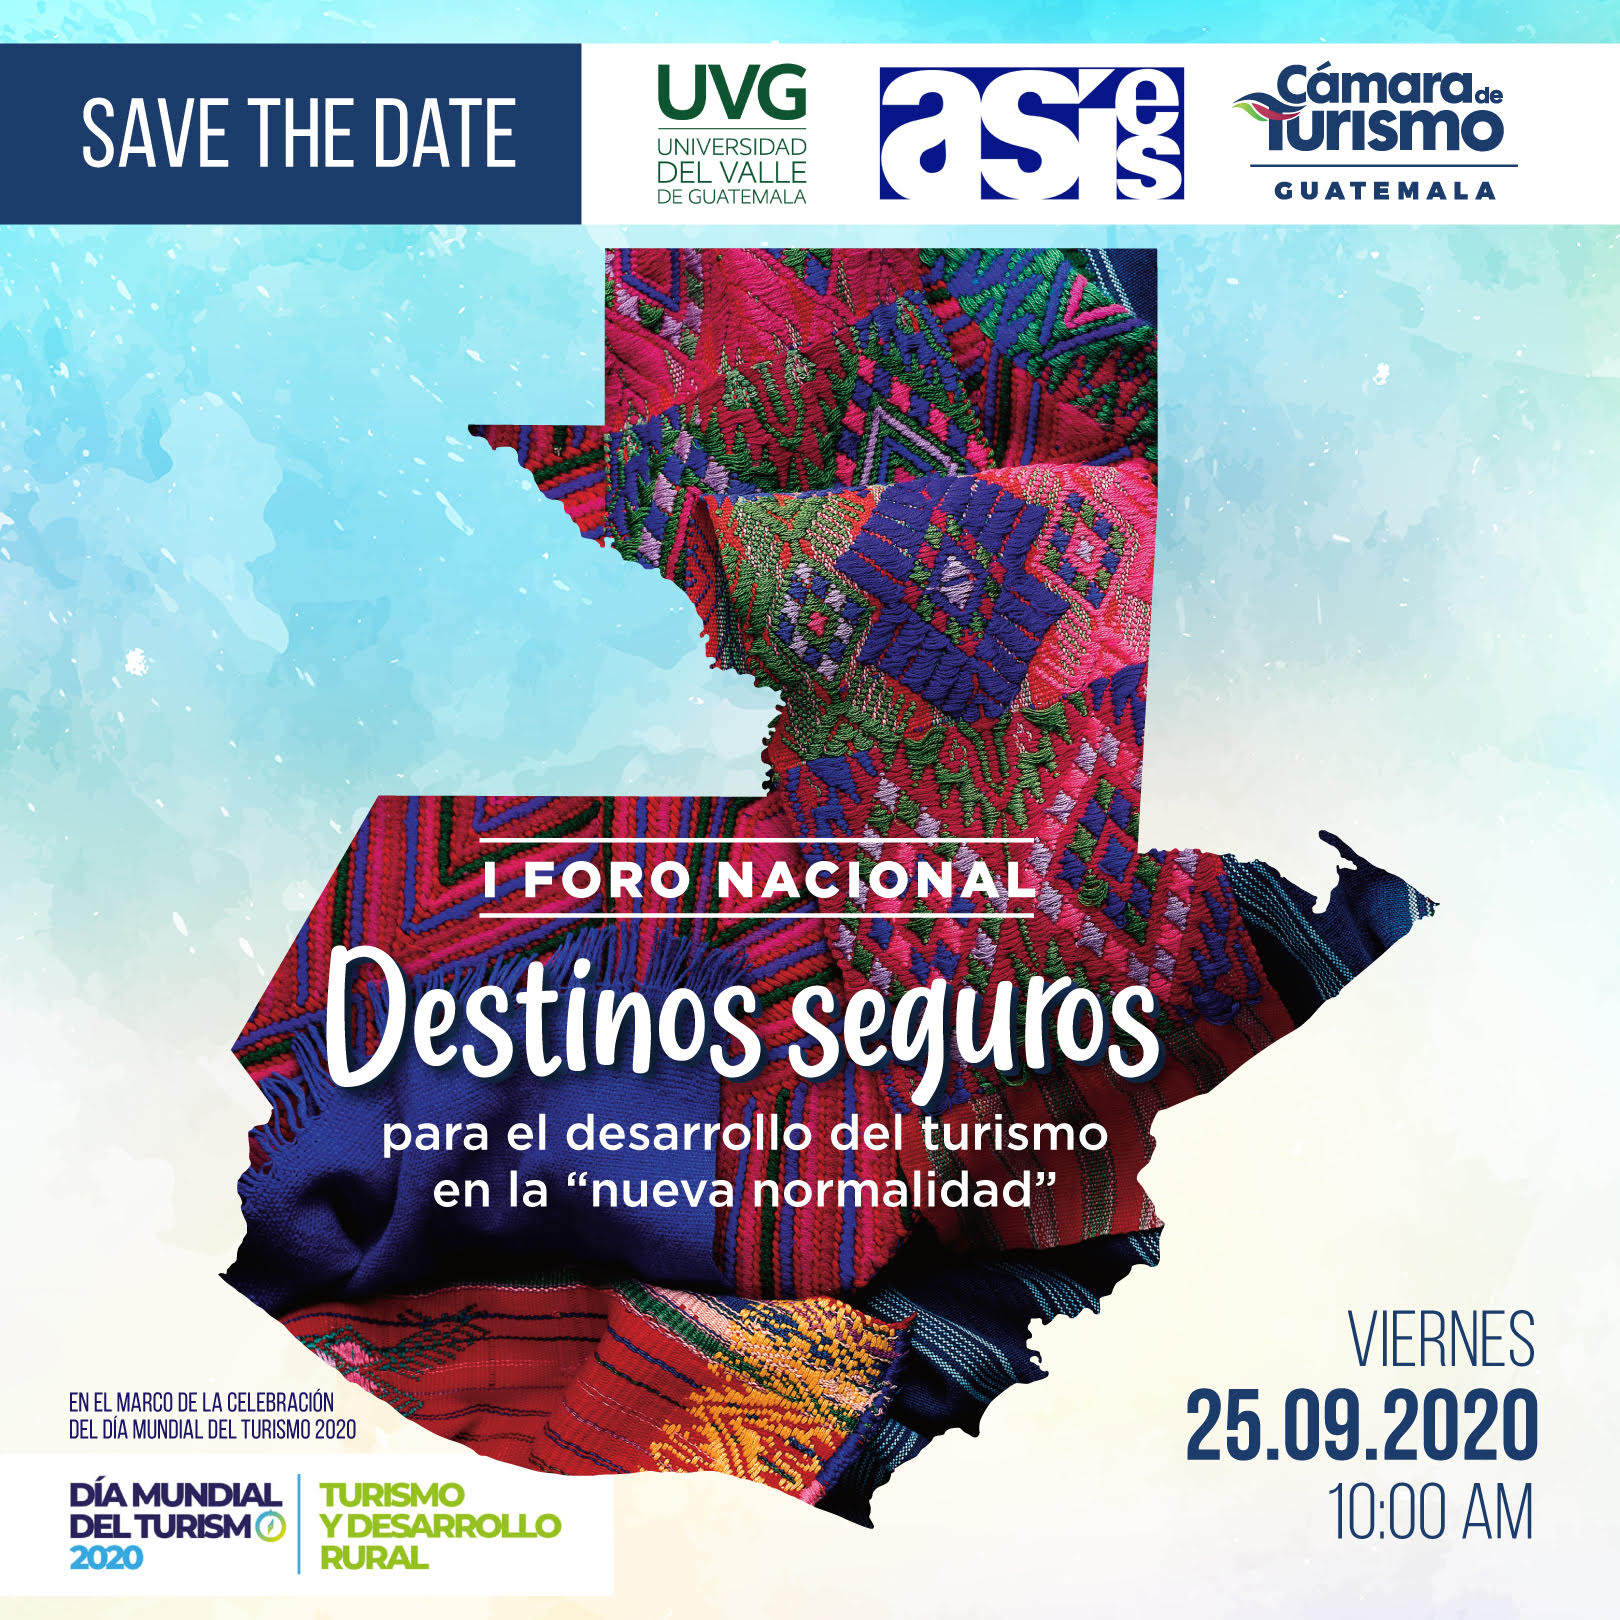 """I FORO NACIONAL Destinos Seguros para el desarrollo del turismo en la """"nueva normalidad"""""""